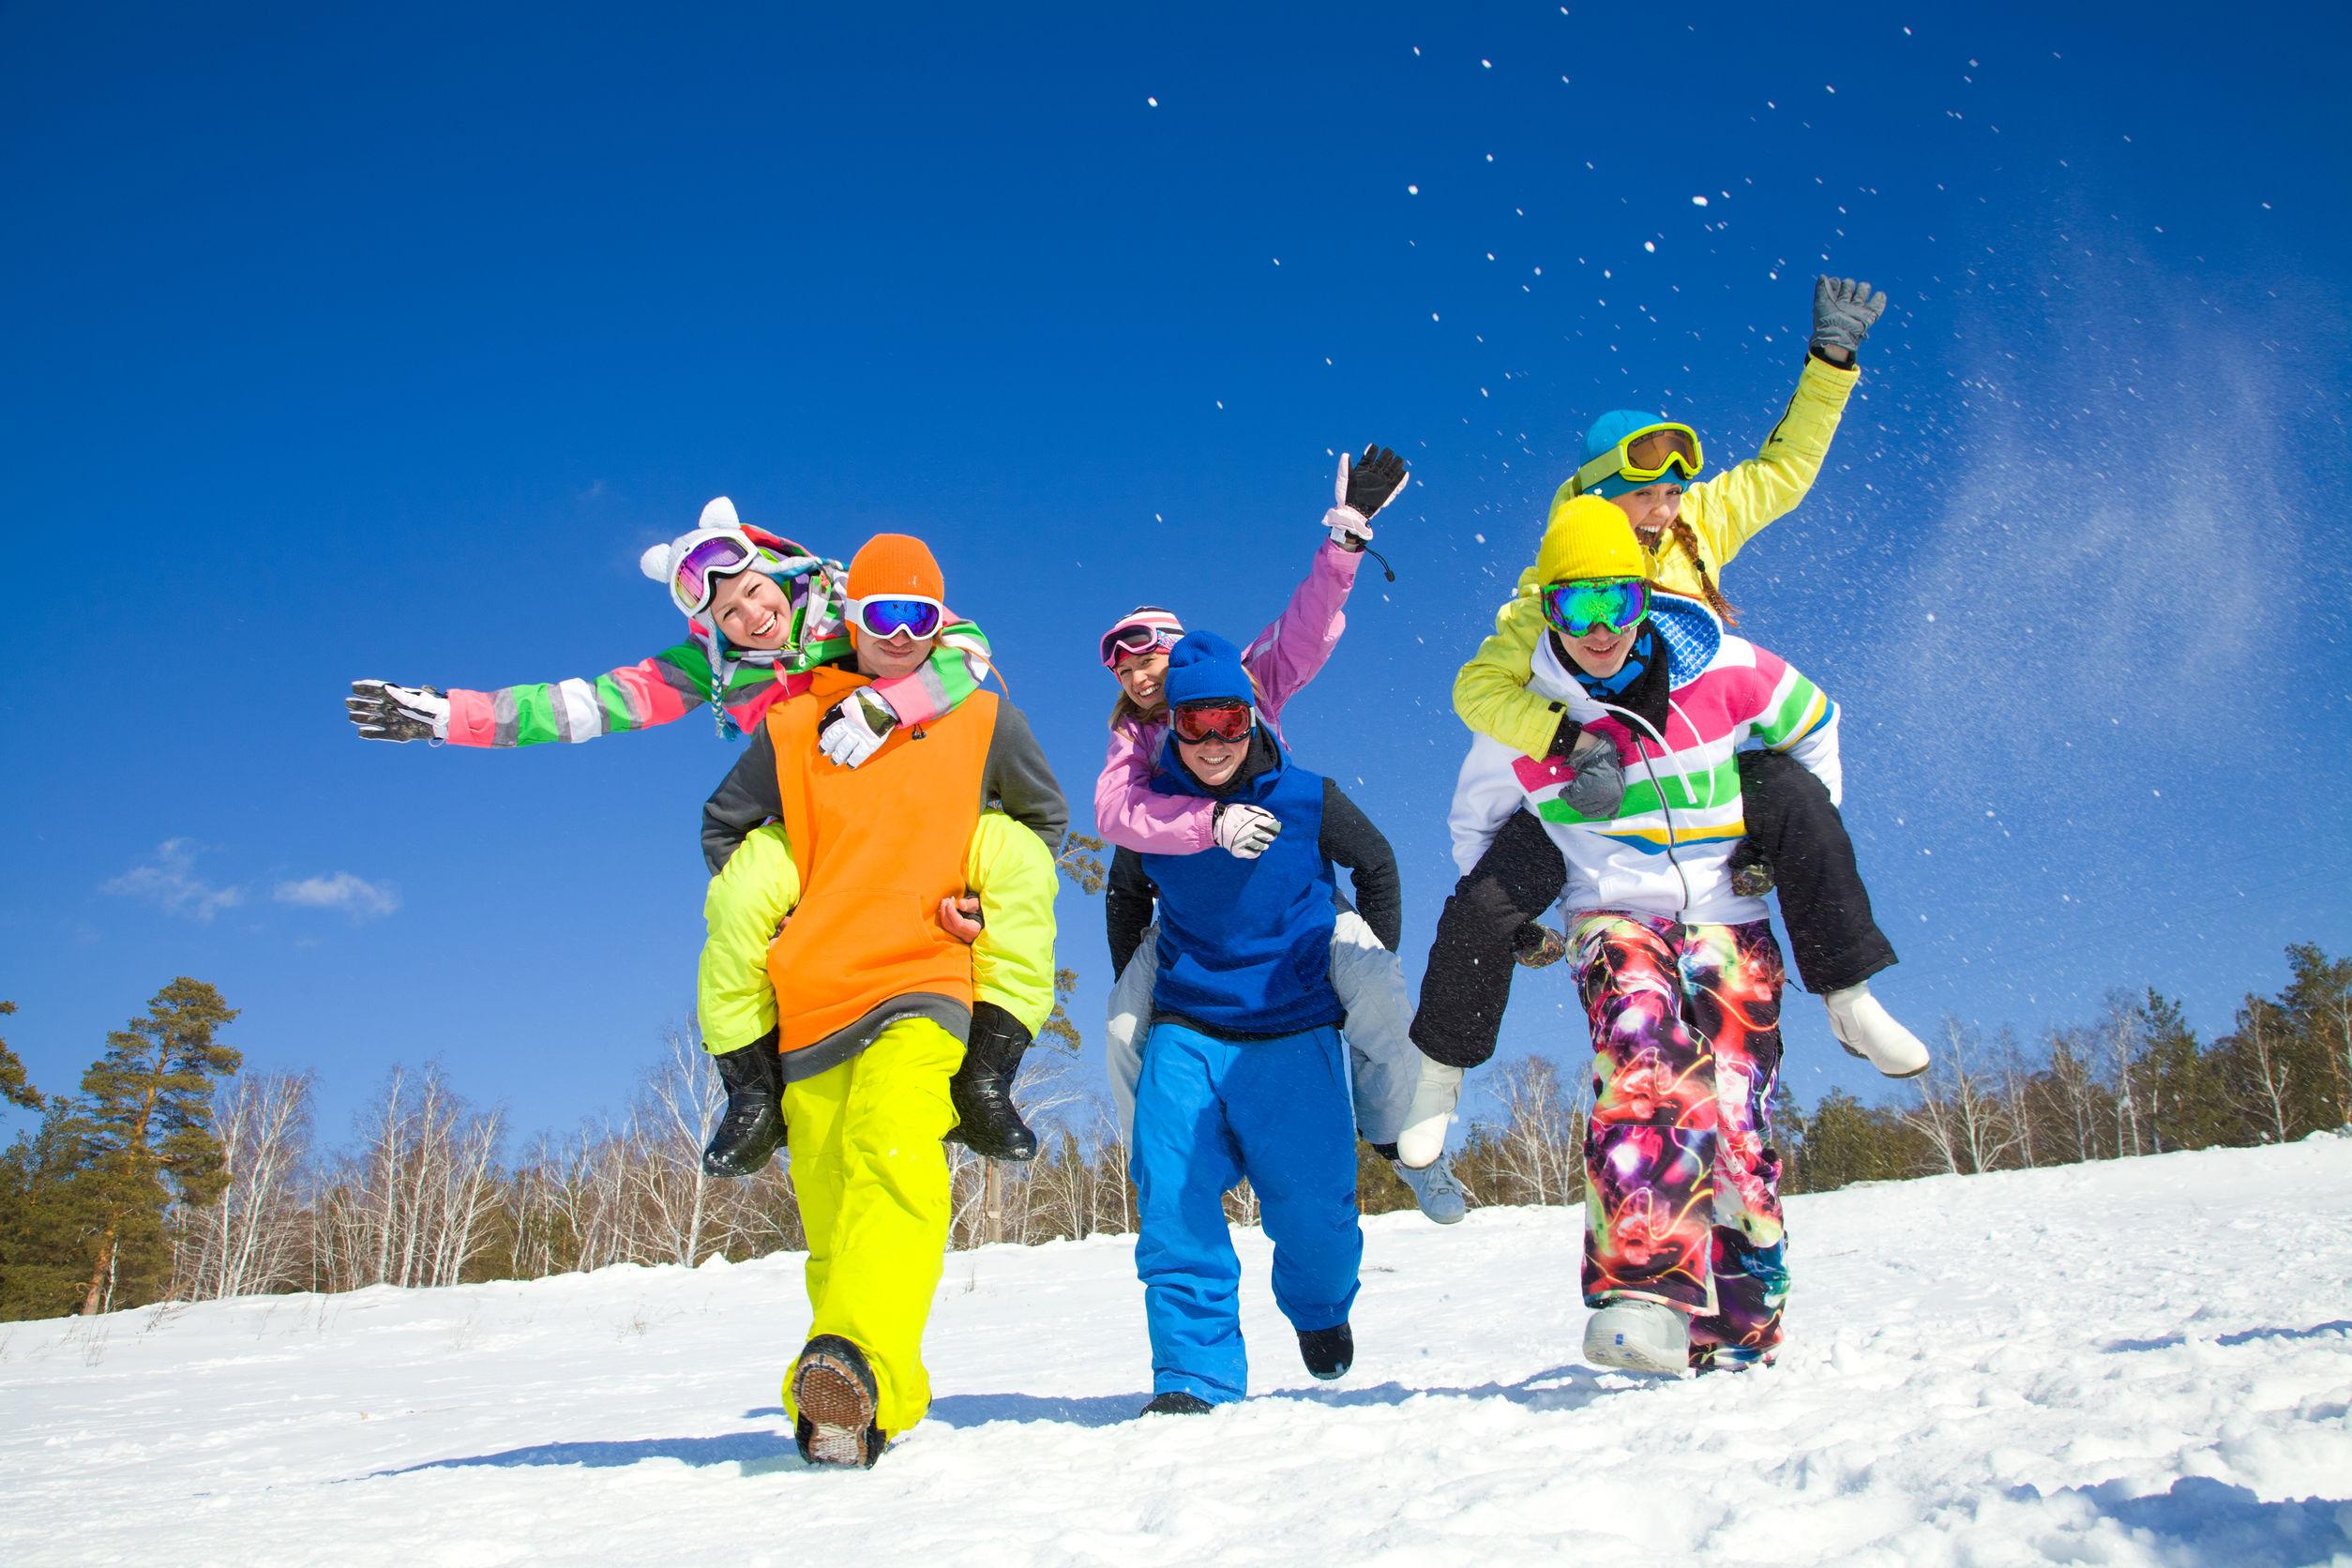 Skiunterwäsche: Test & Empfehlungen (04/21)